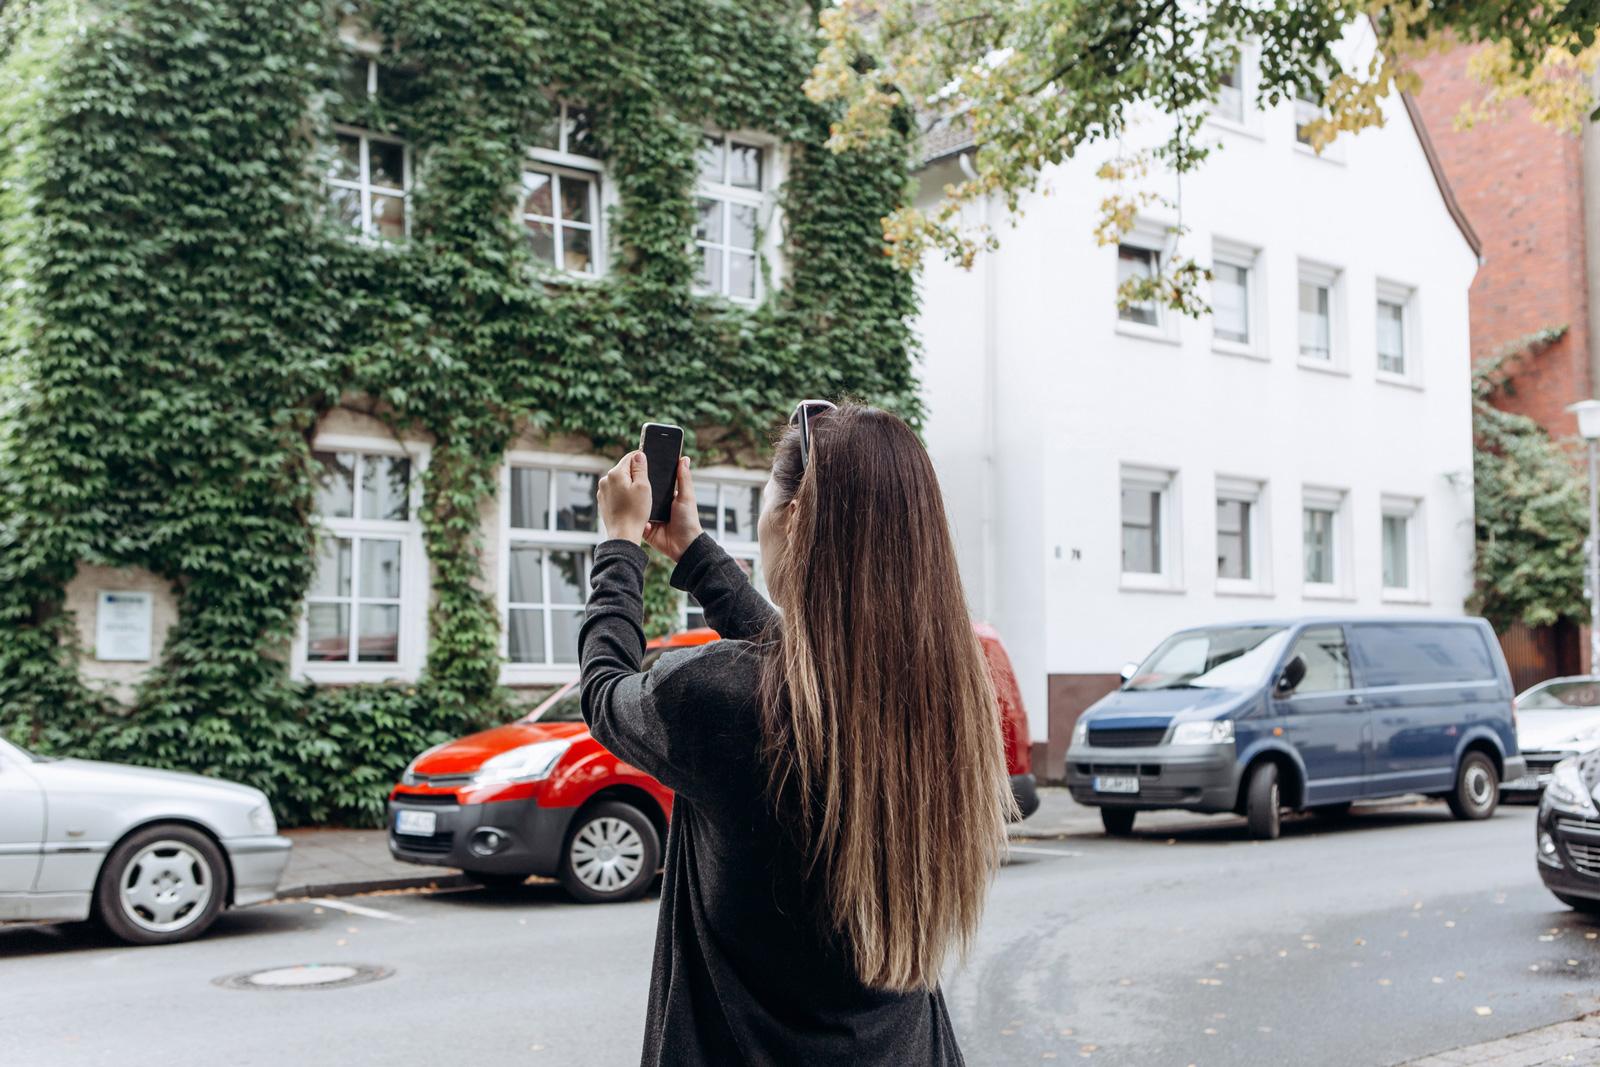 Mit einem Smartphone-Foto den Schätzwert einer Immobilie ermitteln